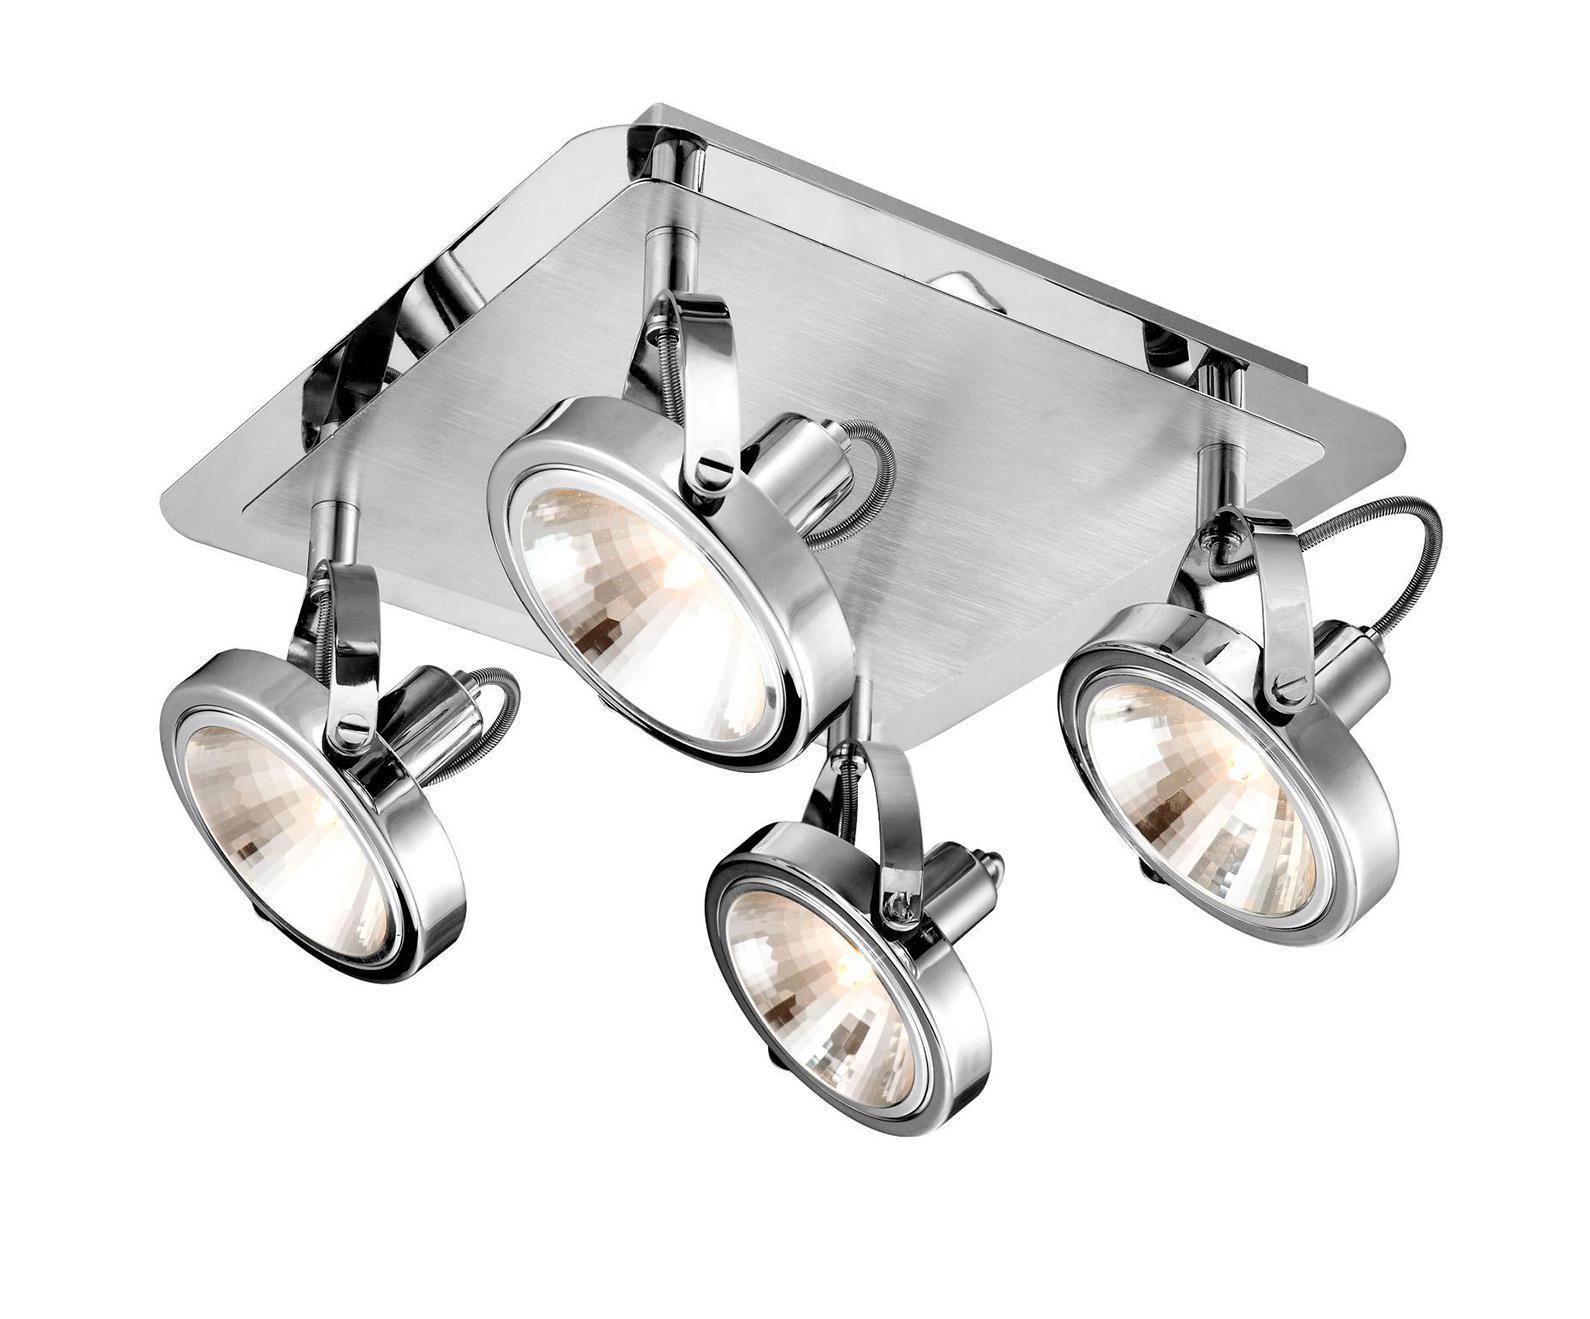 56452-4 Настенно-потолочный светильник KIROGI56452-4Как обычно GLOBO сделало упор на широкий ассортимент настенно-потолочных светильников с галогеновыми и энергосберегающими лампами, а также лампами накаливания Е14 и Е27. Уникальная коллекция многоламповых тарелок различной формы и дизайна подойдут как для помещений с невысокими потолками, так и для больших помещений, требующих избыточной освещенности. Изюминкой нового каталога стала объемная линейка моделей декоративных светильников для улицы Globo Lighting 56452-4, использующих энергию солнца и LED источники света.